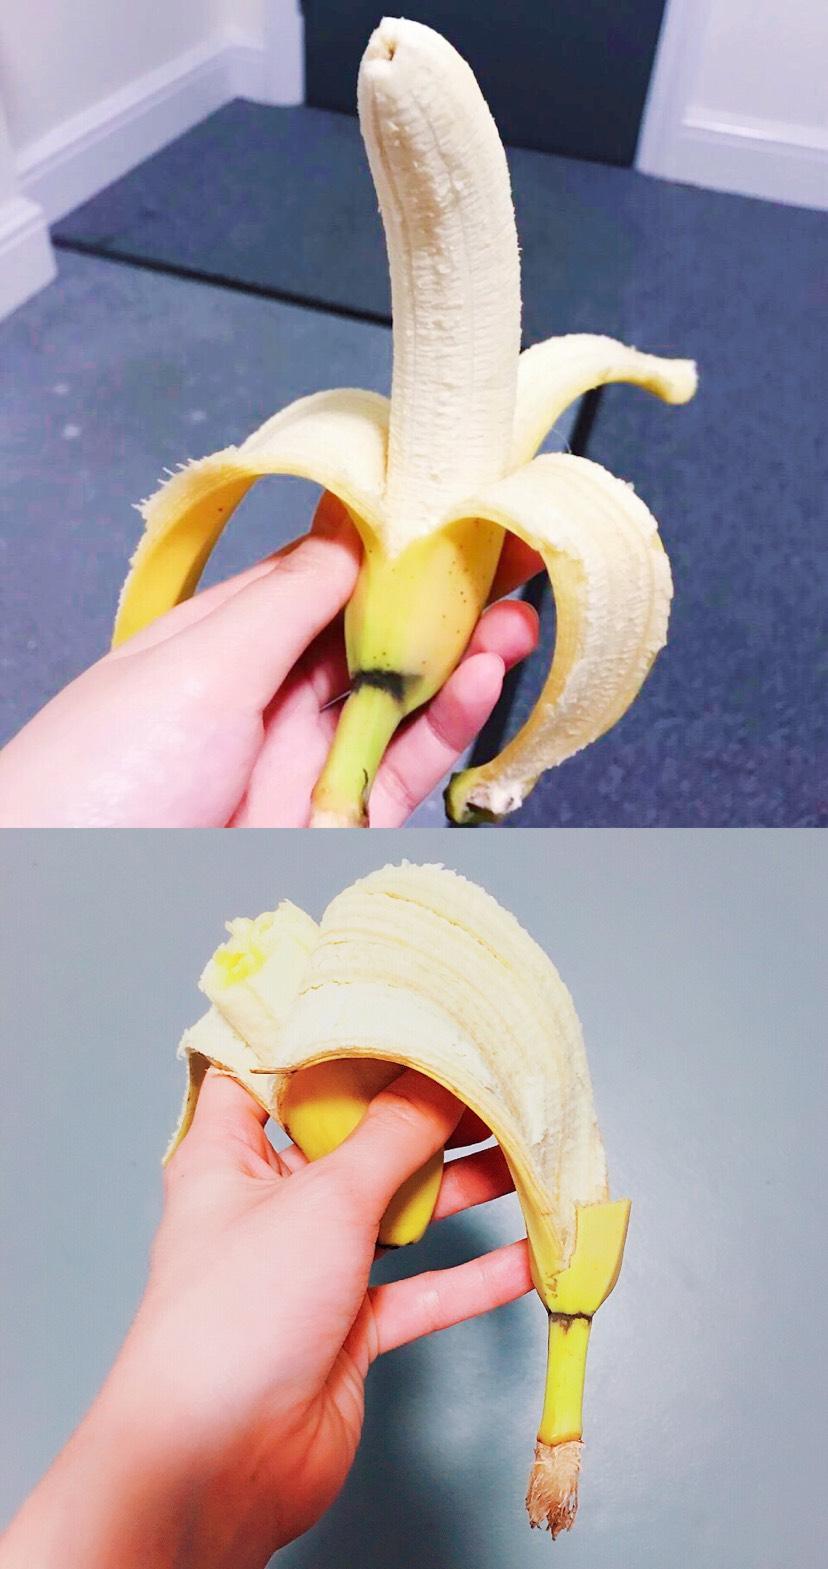 [讨论]你们香蕉🍌从哪端剥?